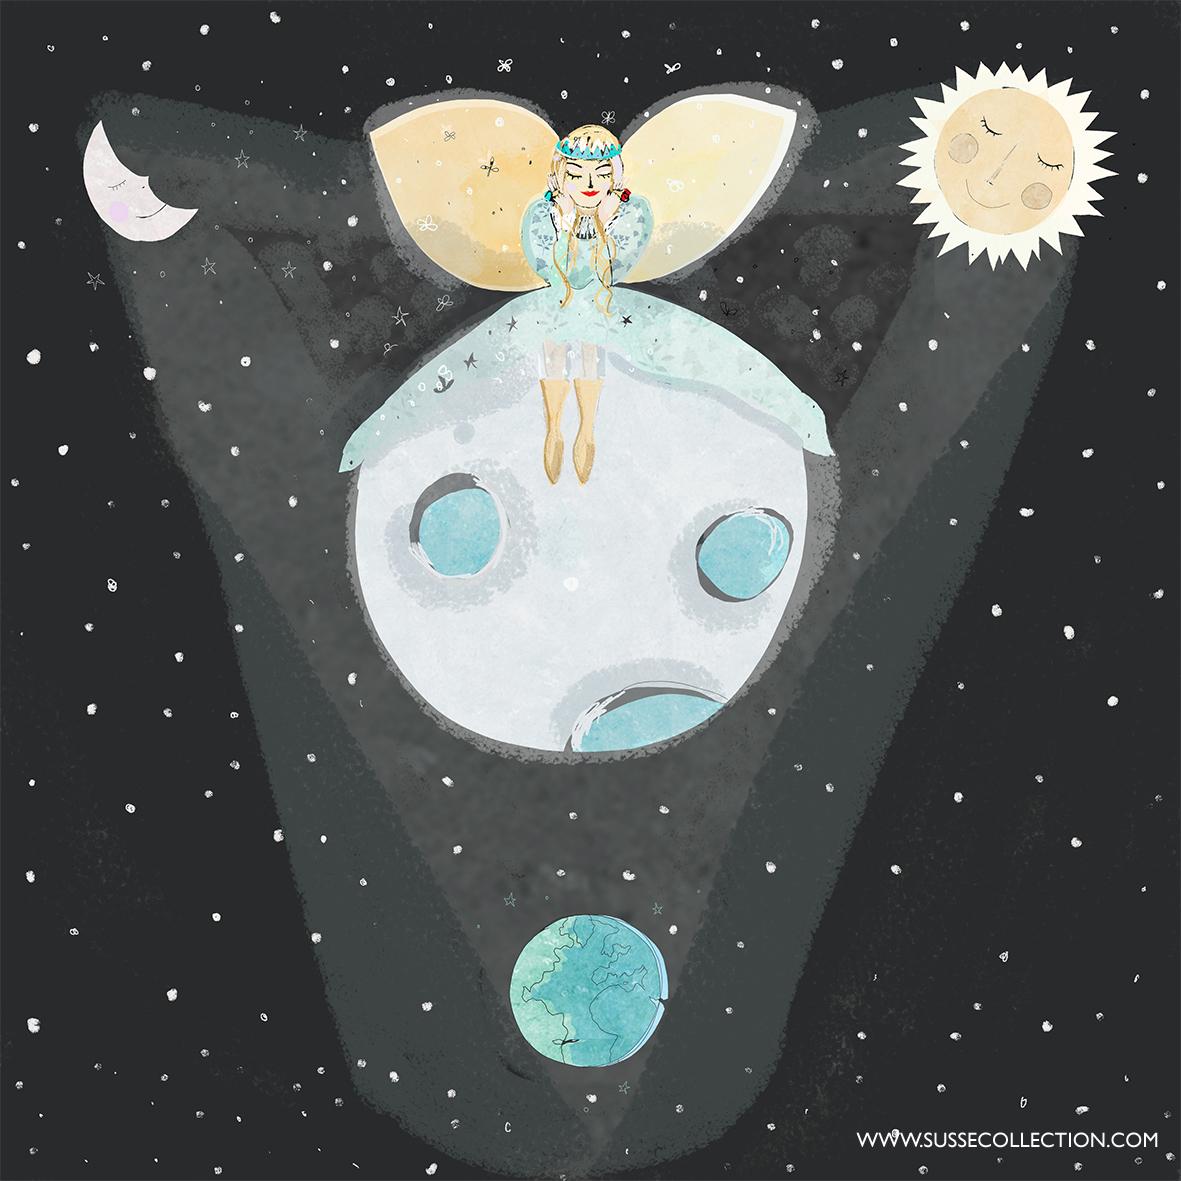 Illustration Le Fée et le Prince des Lumiére _Susse Collection-4.jpg